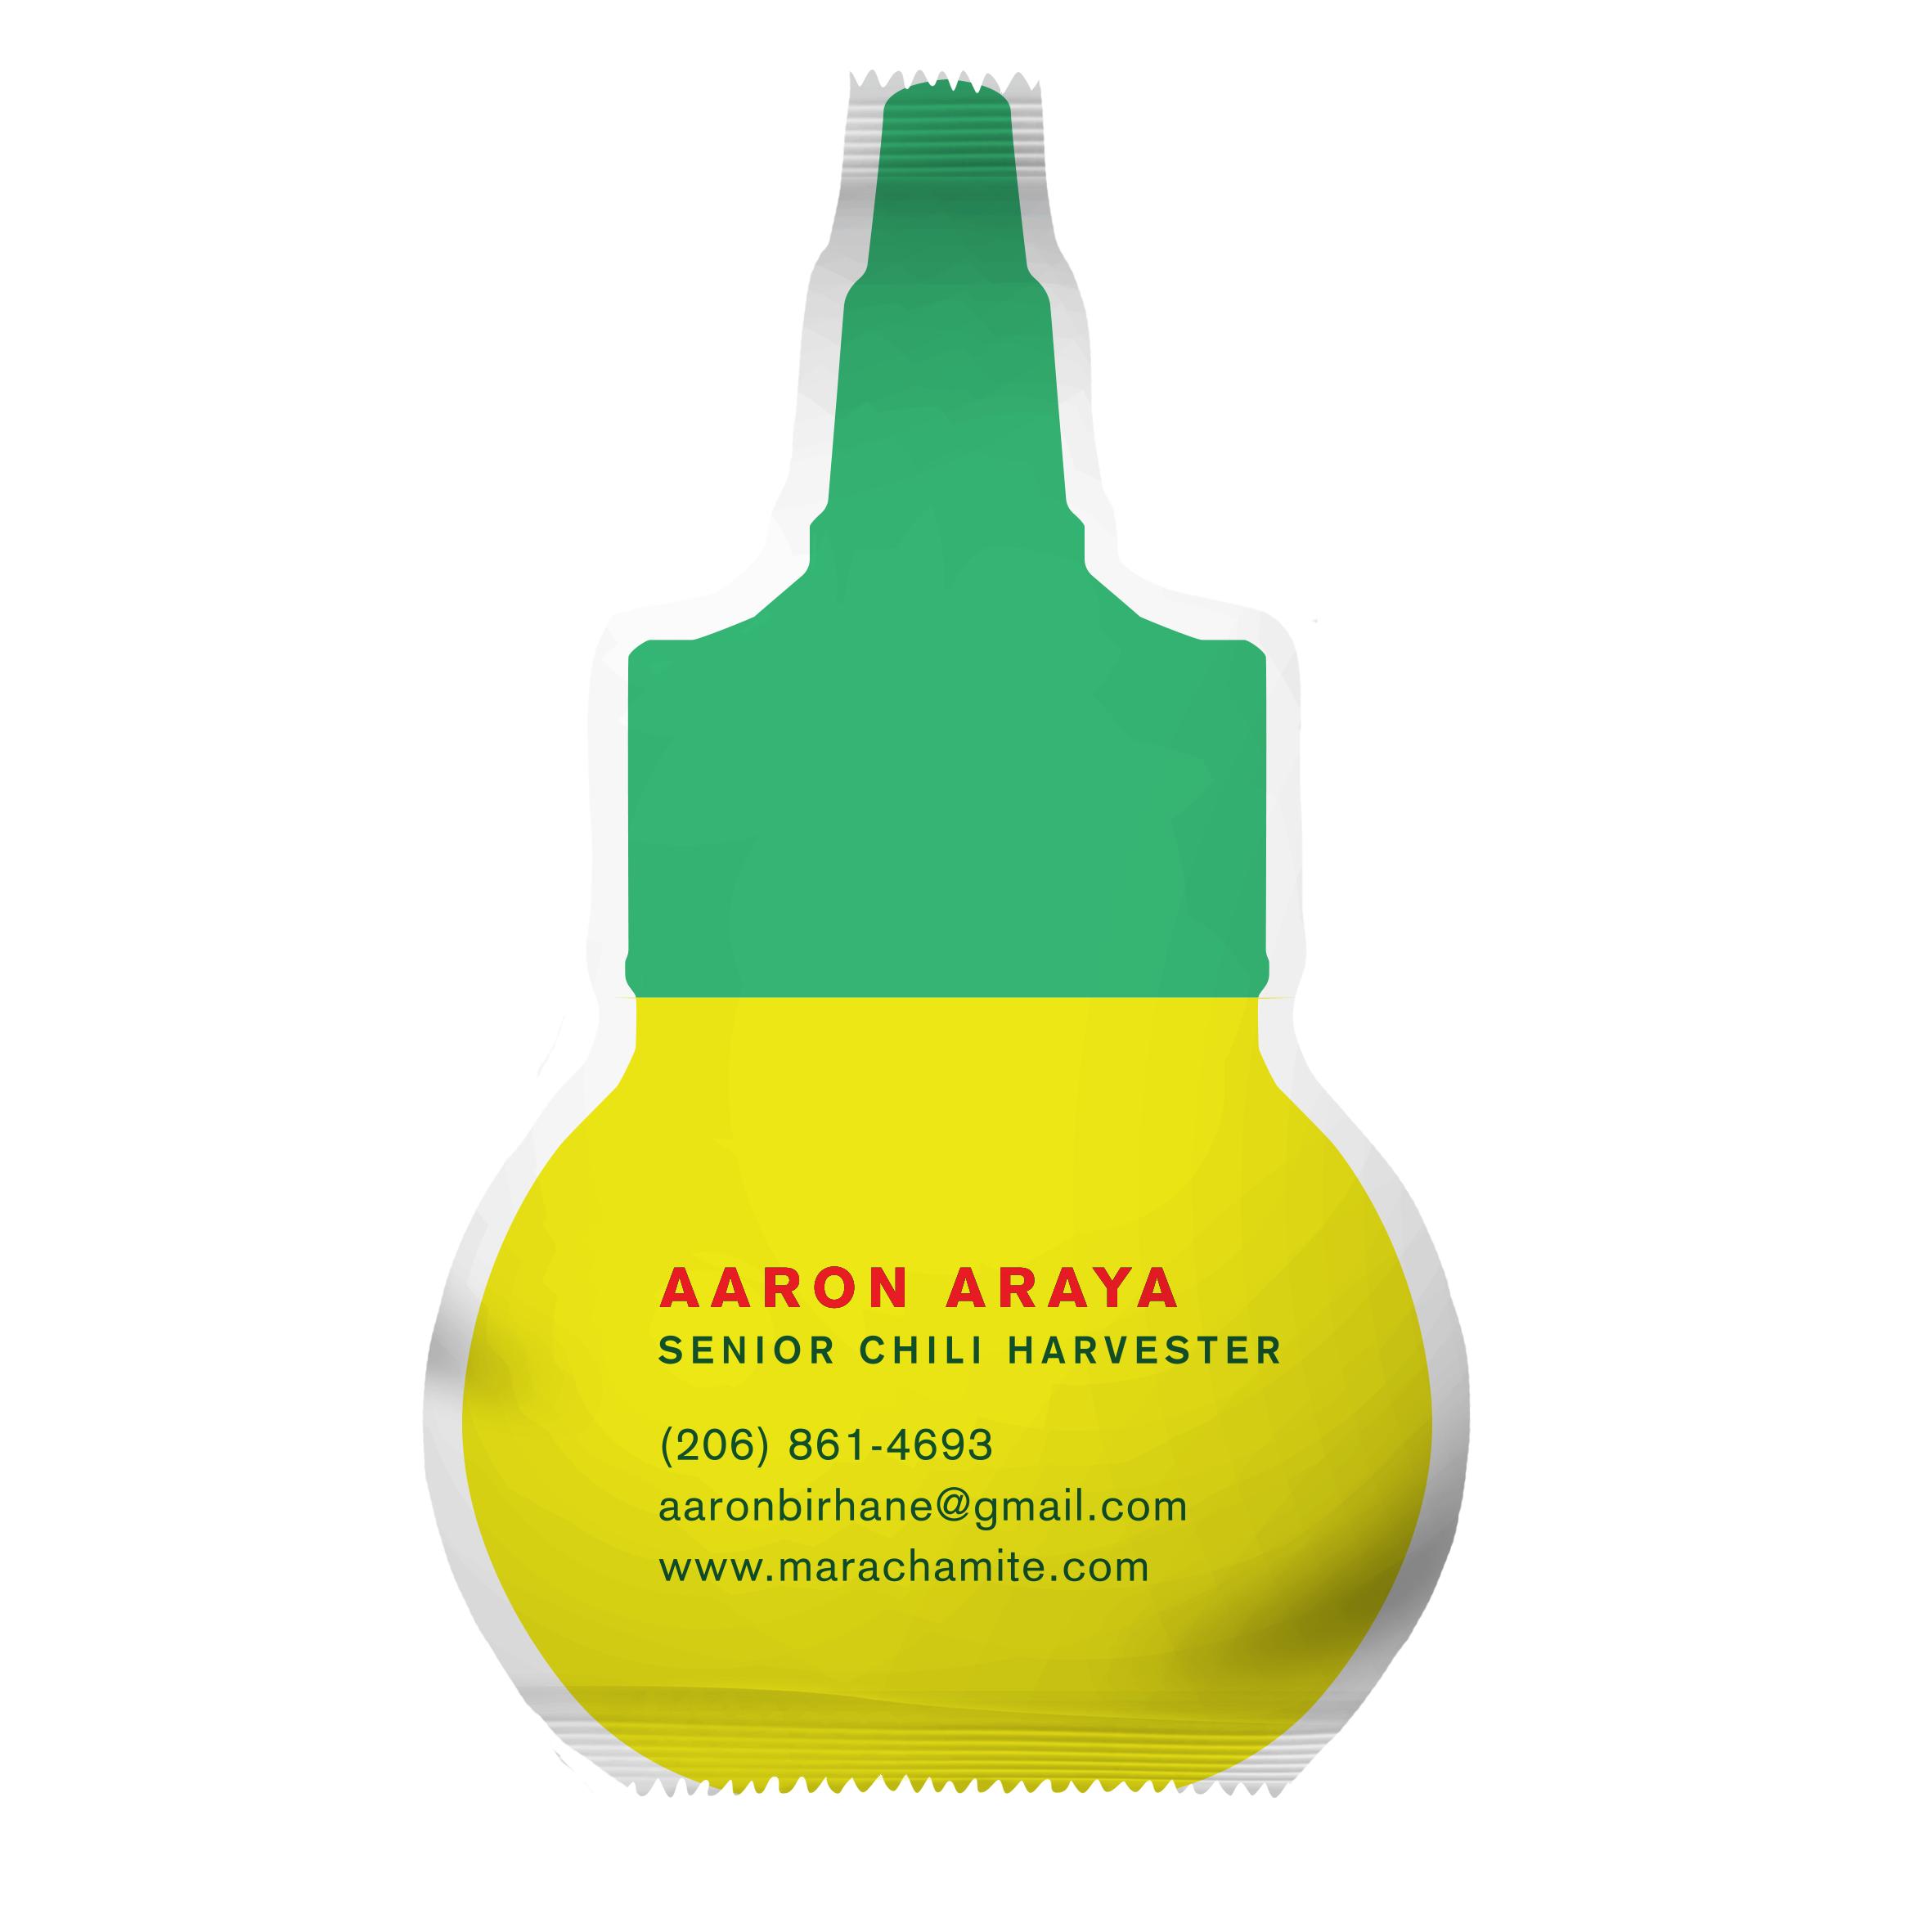 aaronaraya_card.png